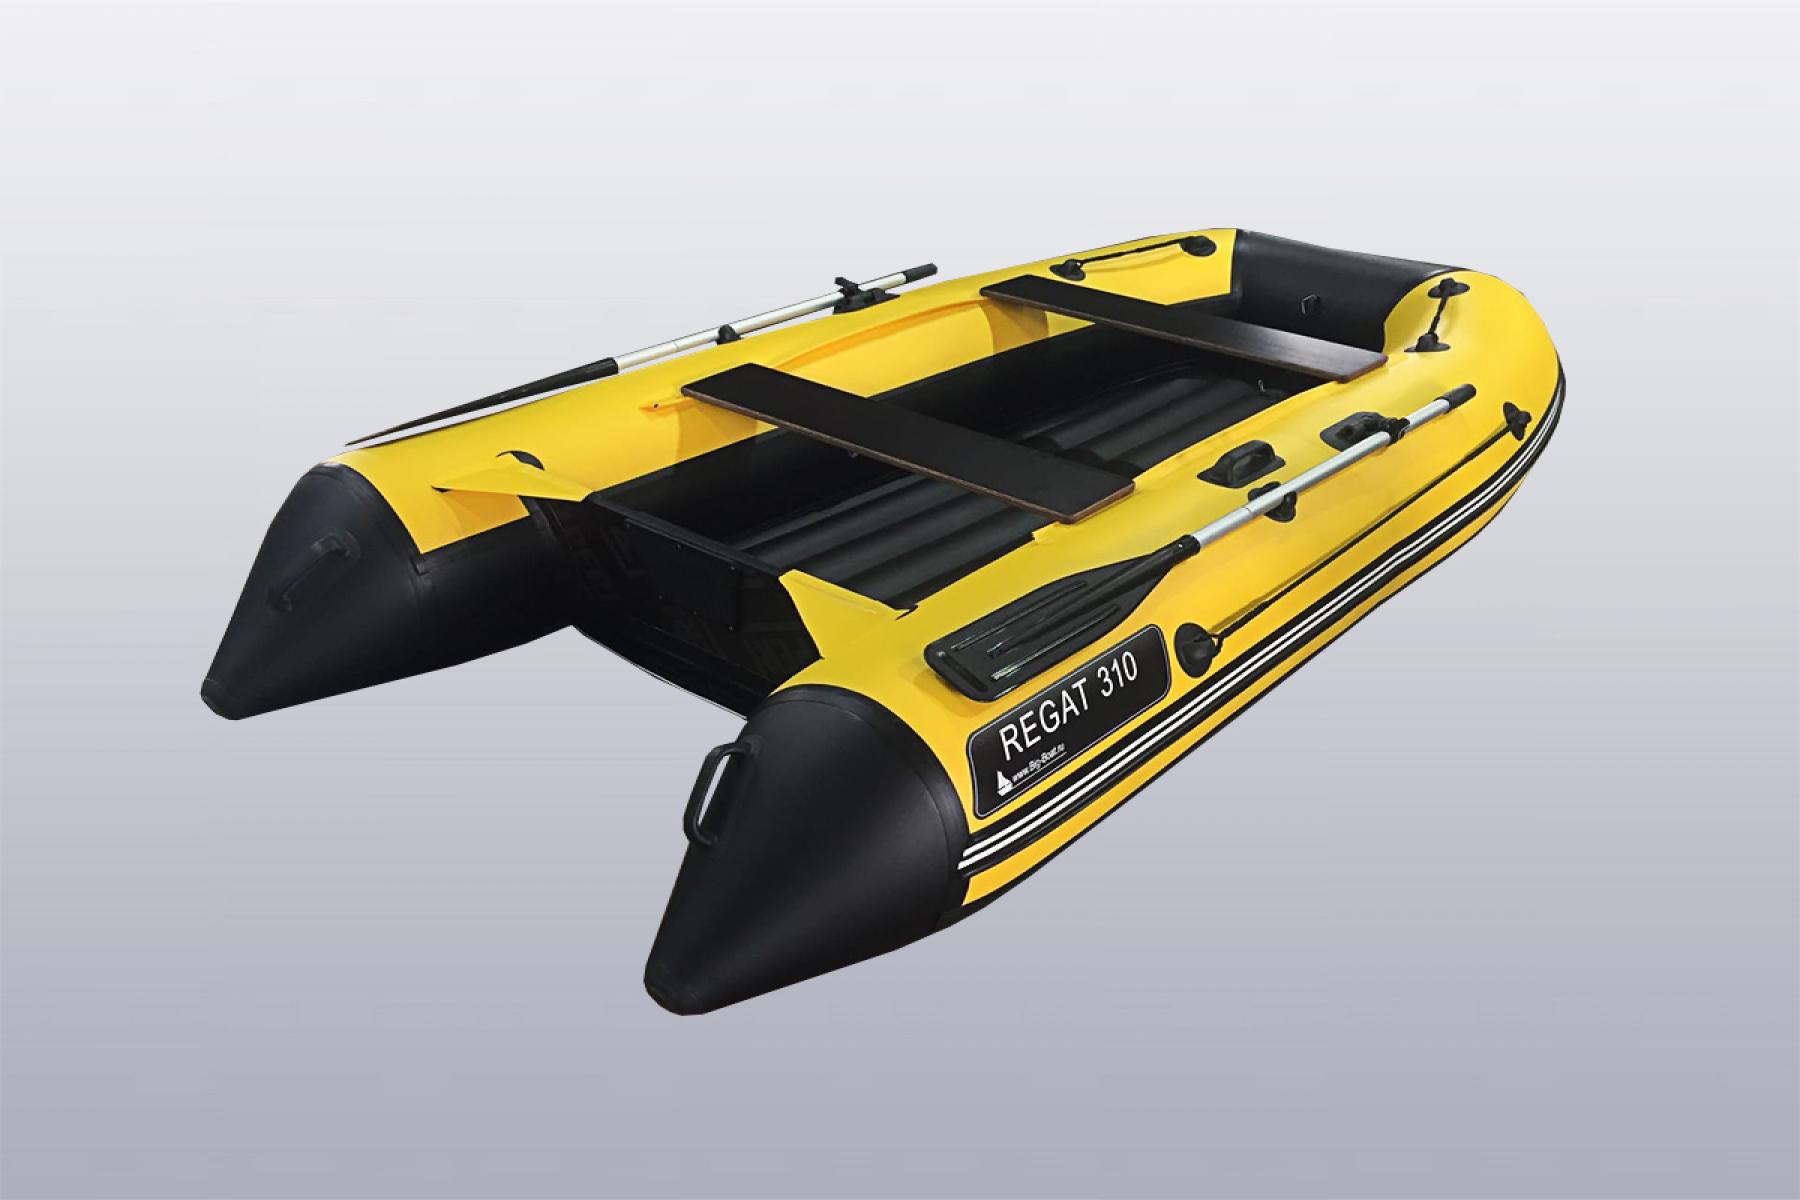 Лодка ПВХ Regat (Регат) 310